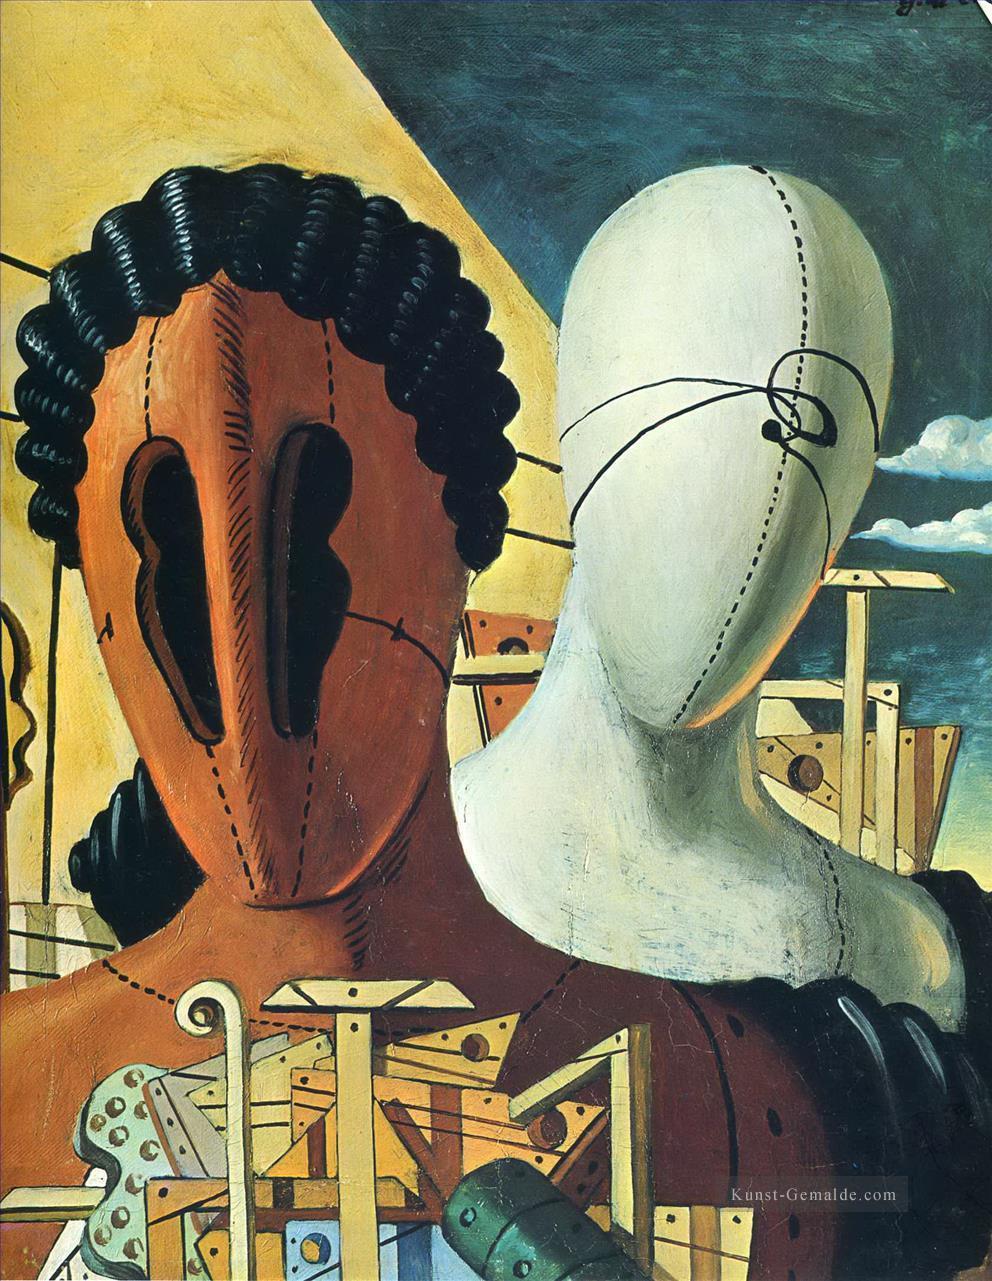 Die Beiden Masken 1926 Giorgio De Chirico Surrealismus Gemalde Mit Ol Zu Verkaufen